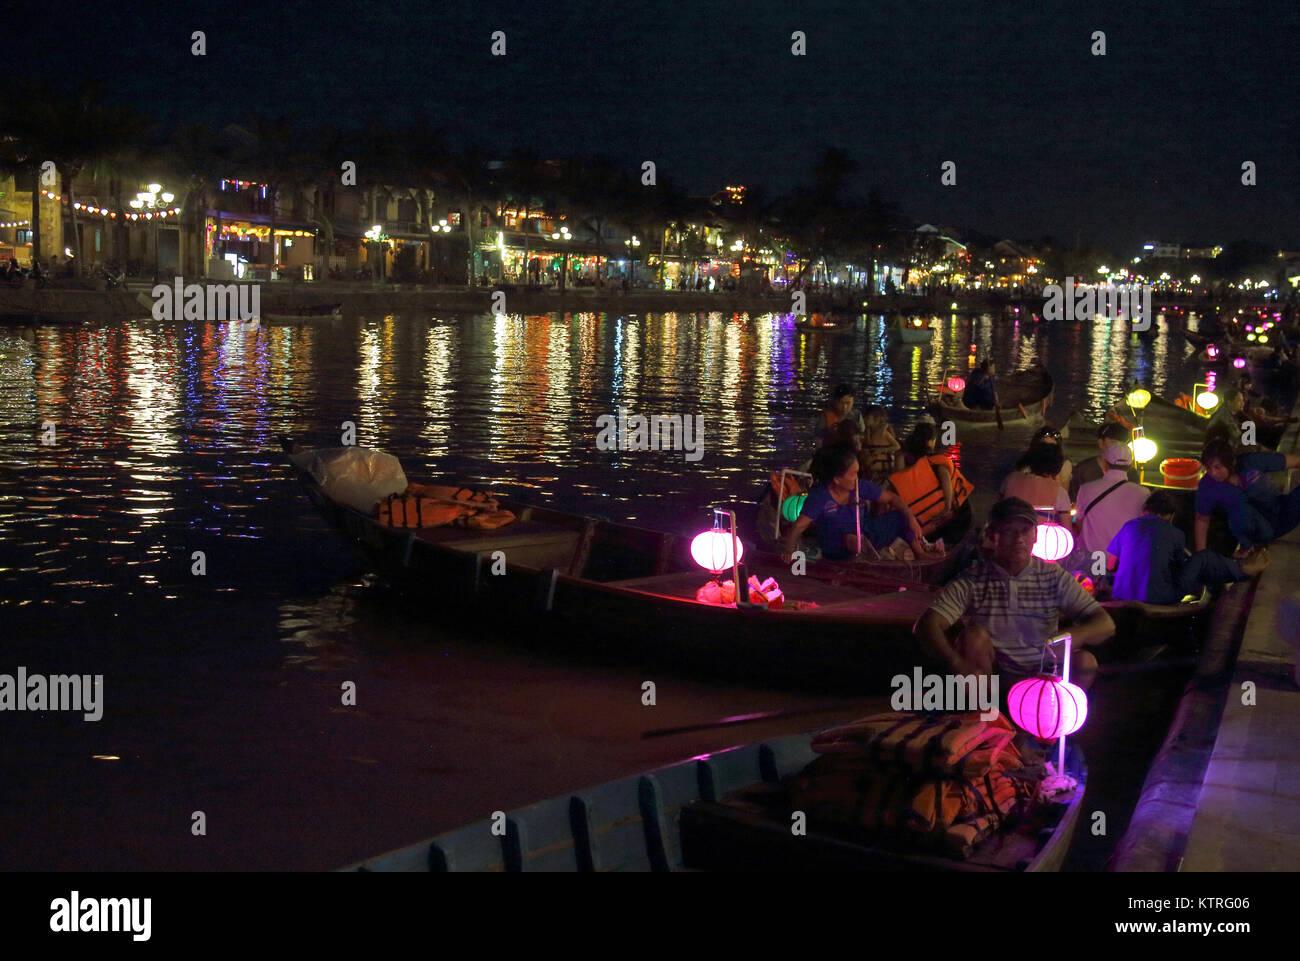 Lanternes sur les bateaux sur la rivière thu bon circulant dans hoi An vietnam Photo Stock